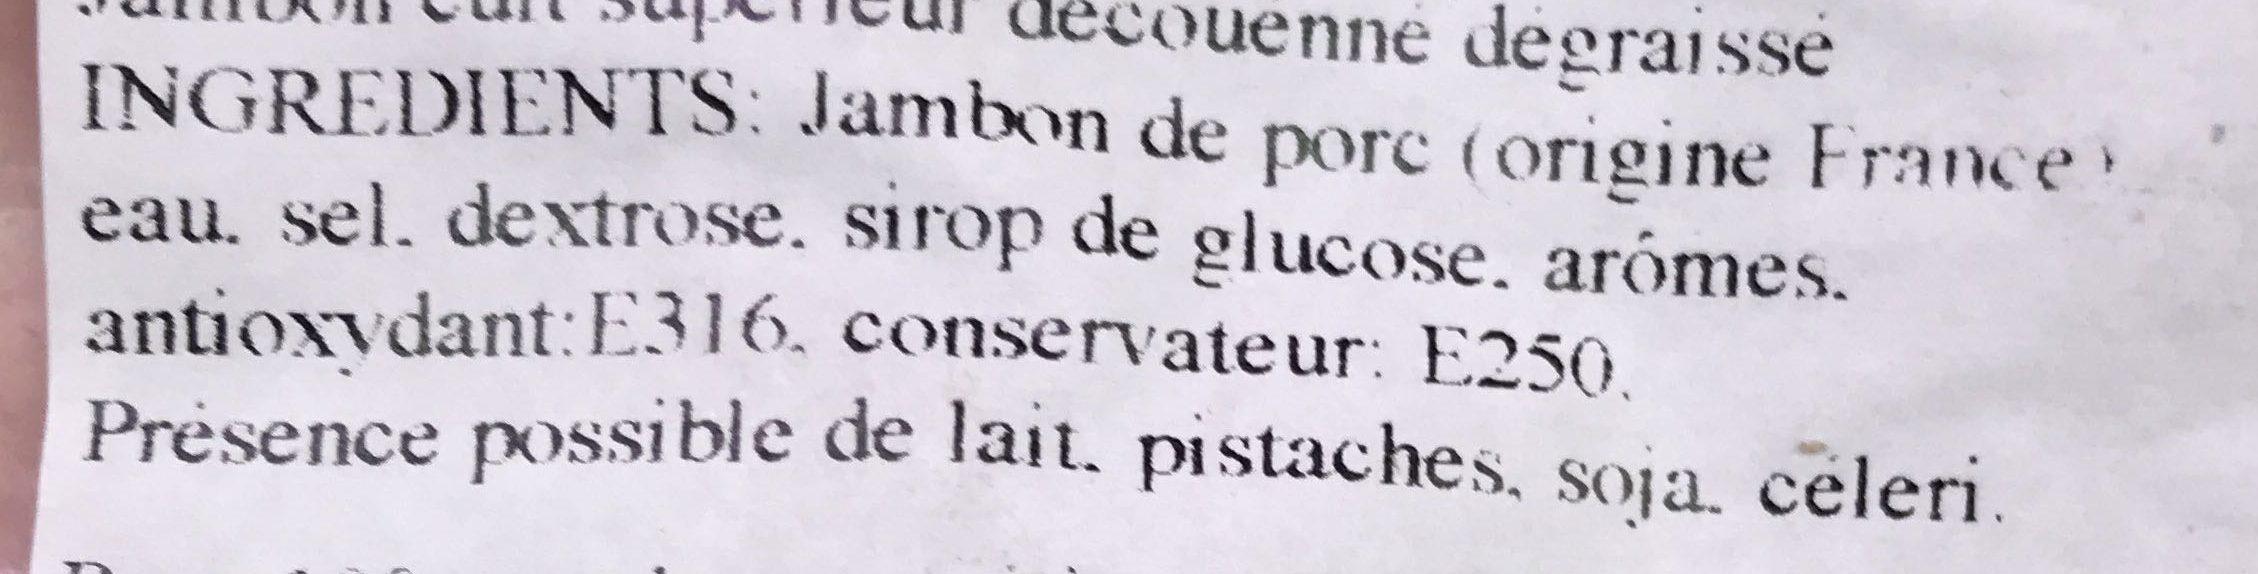 Fonds de jambon supérieur - Ingrédients - fr